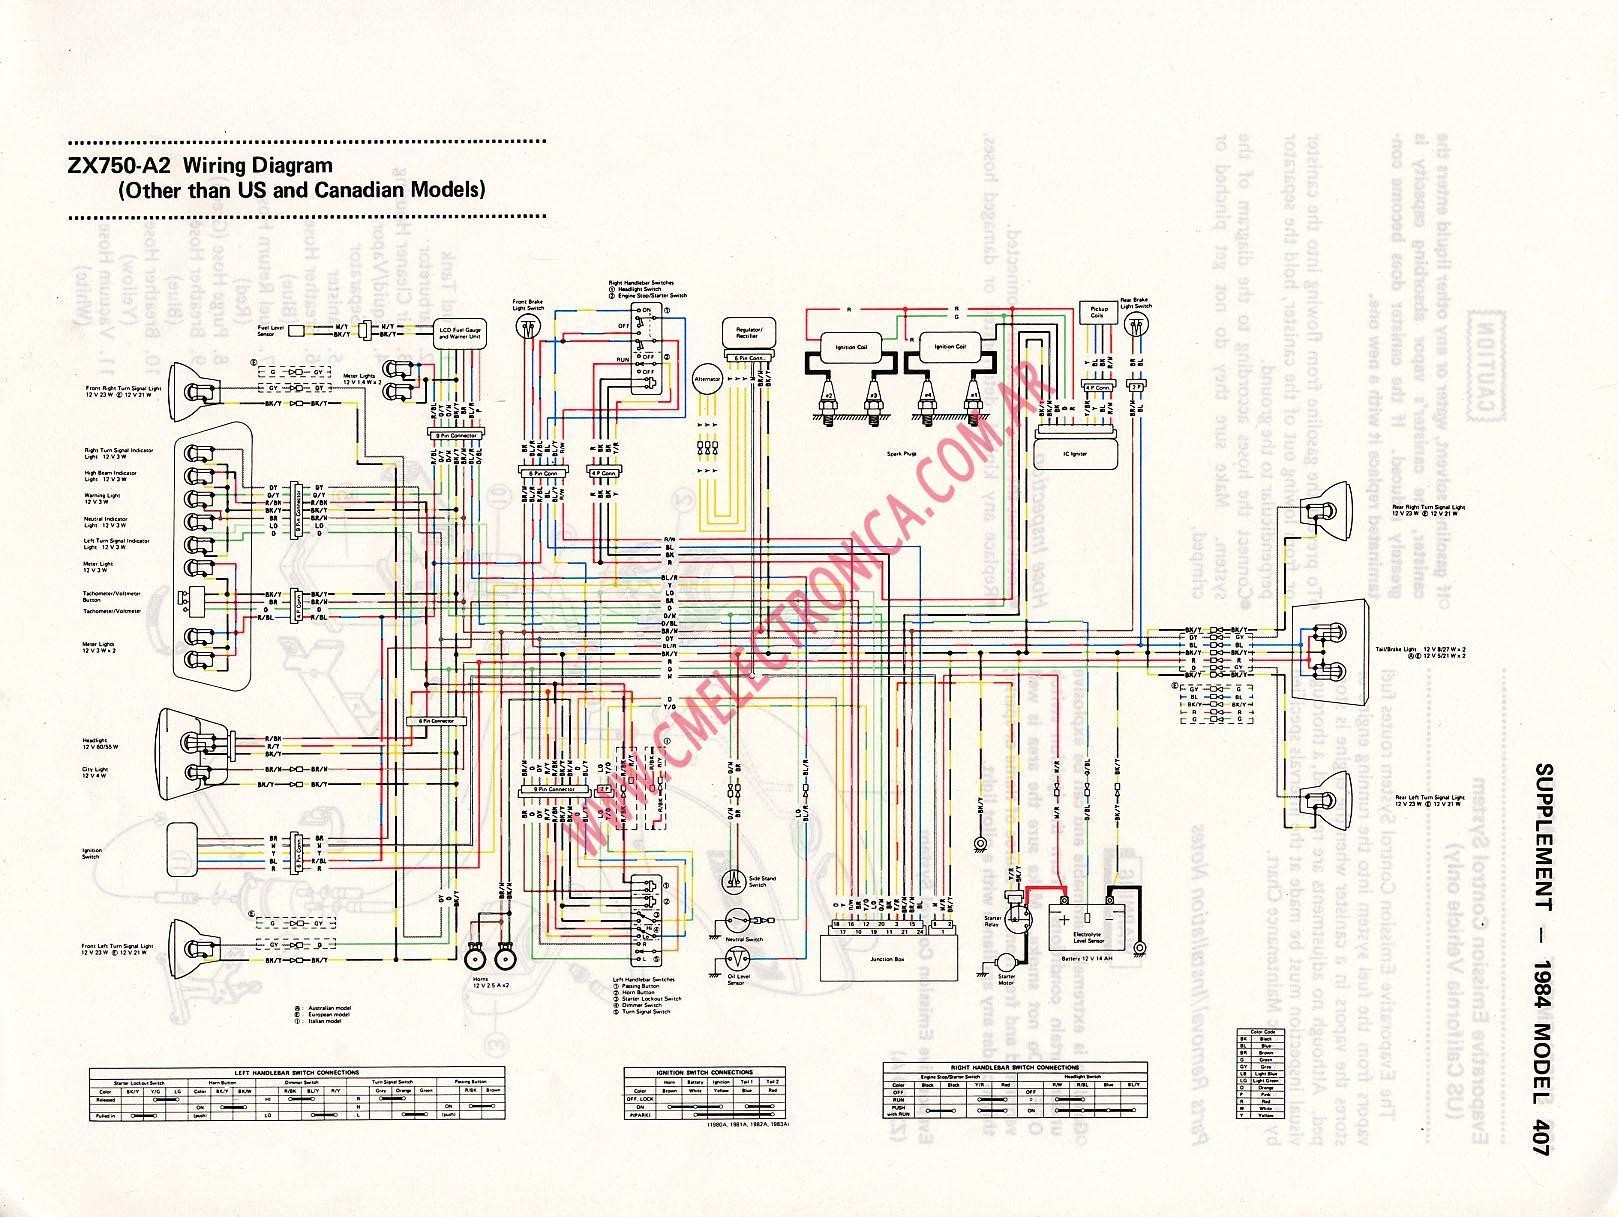 Kawasaki Bayou Wiring Diagram Jeep Engineering 250 Drawing 06 1680